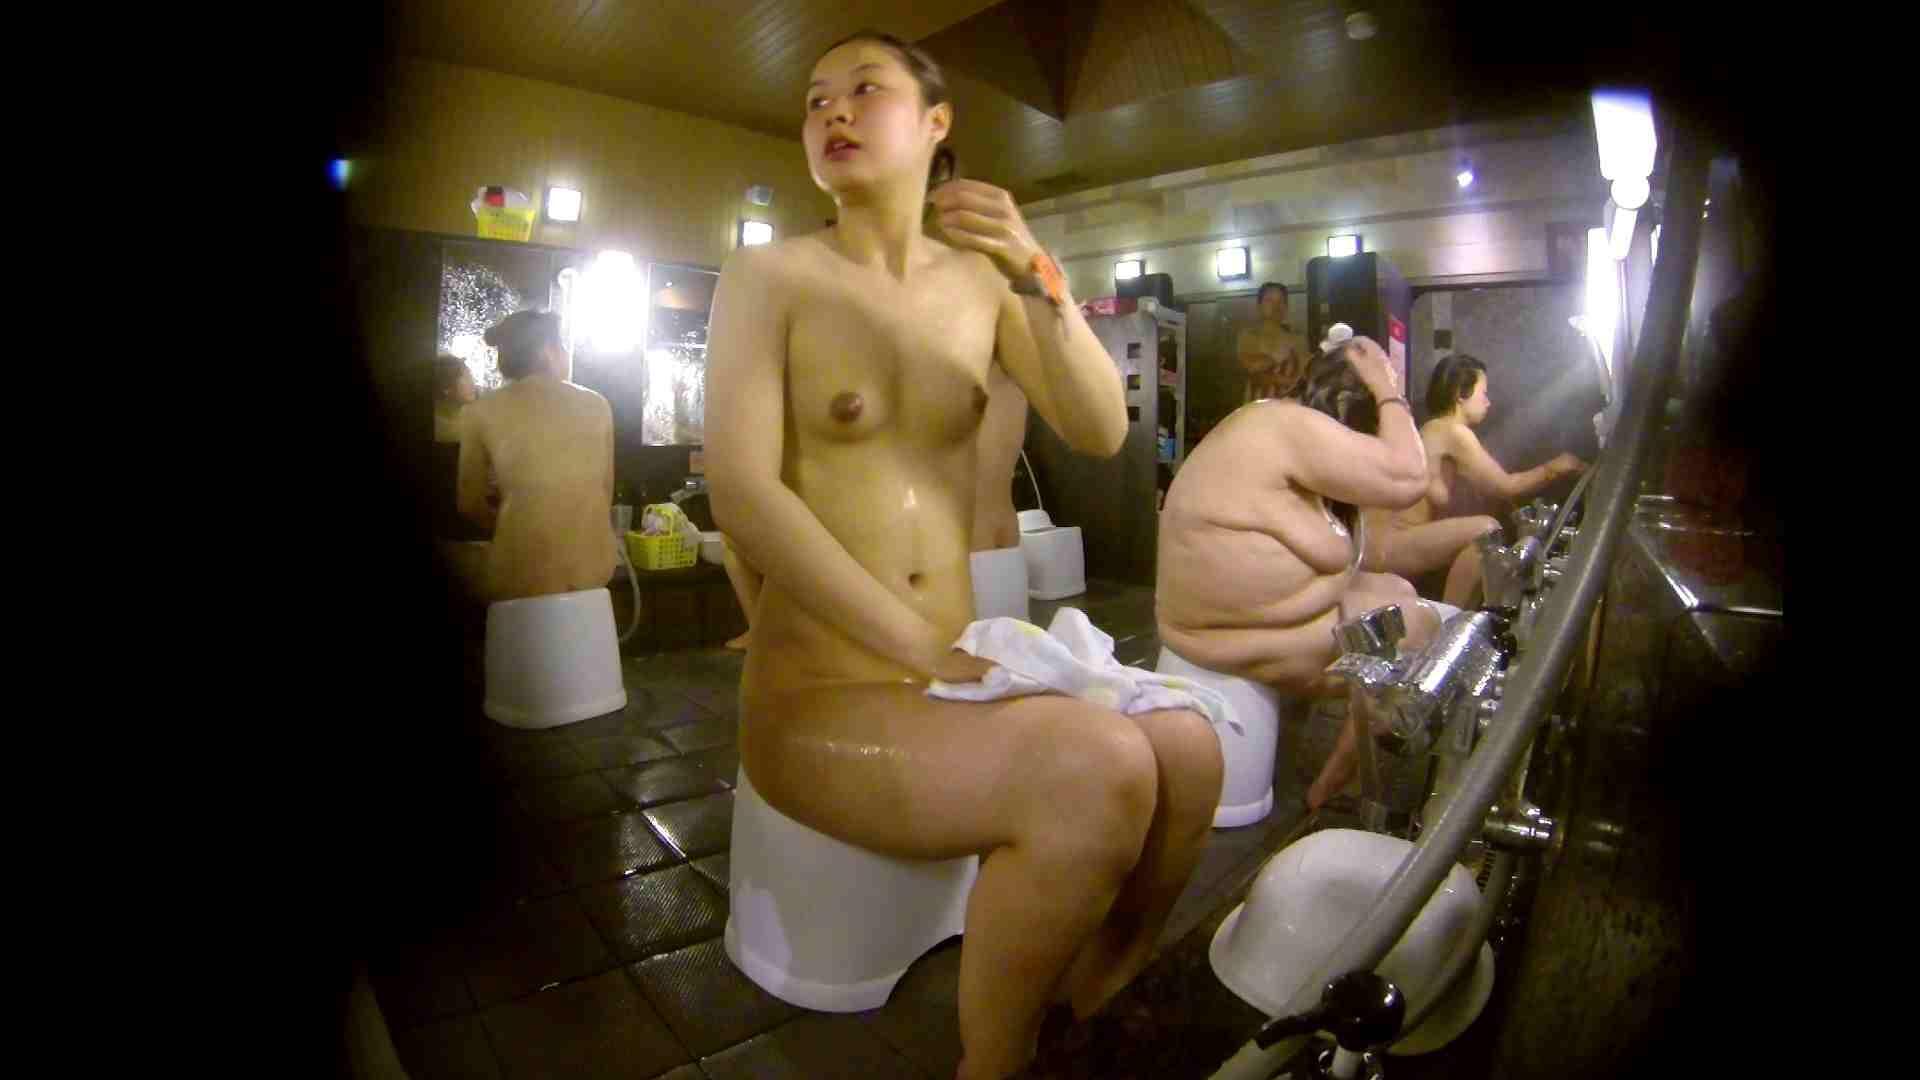 追い撮り!脱衣~洗い場、徹底追跡!撮り師さんに拍手!! むっちり  95画像 72